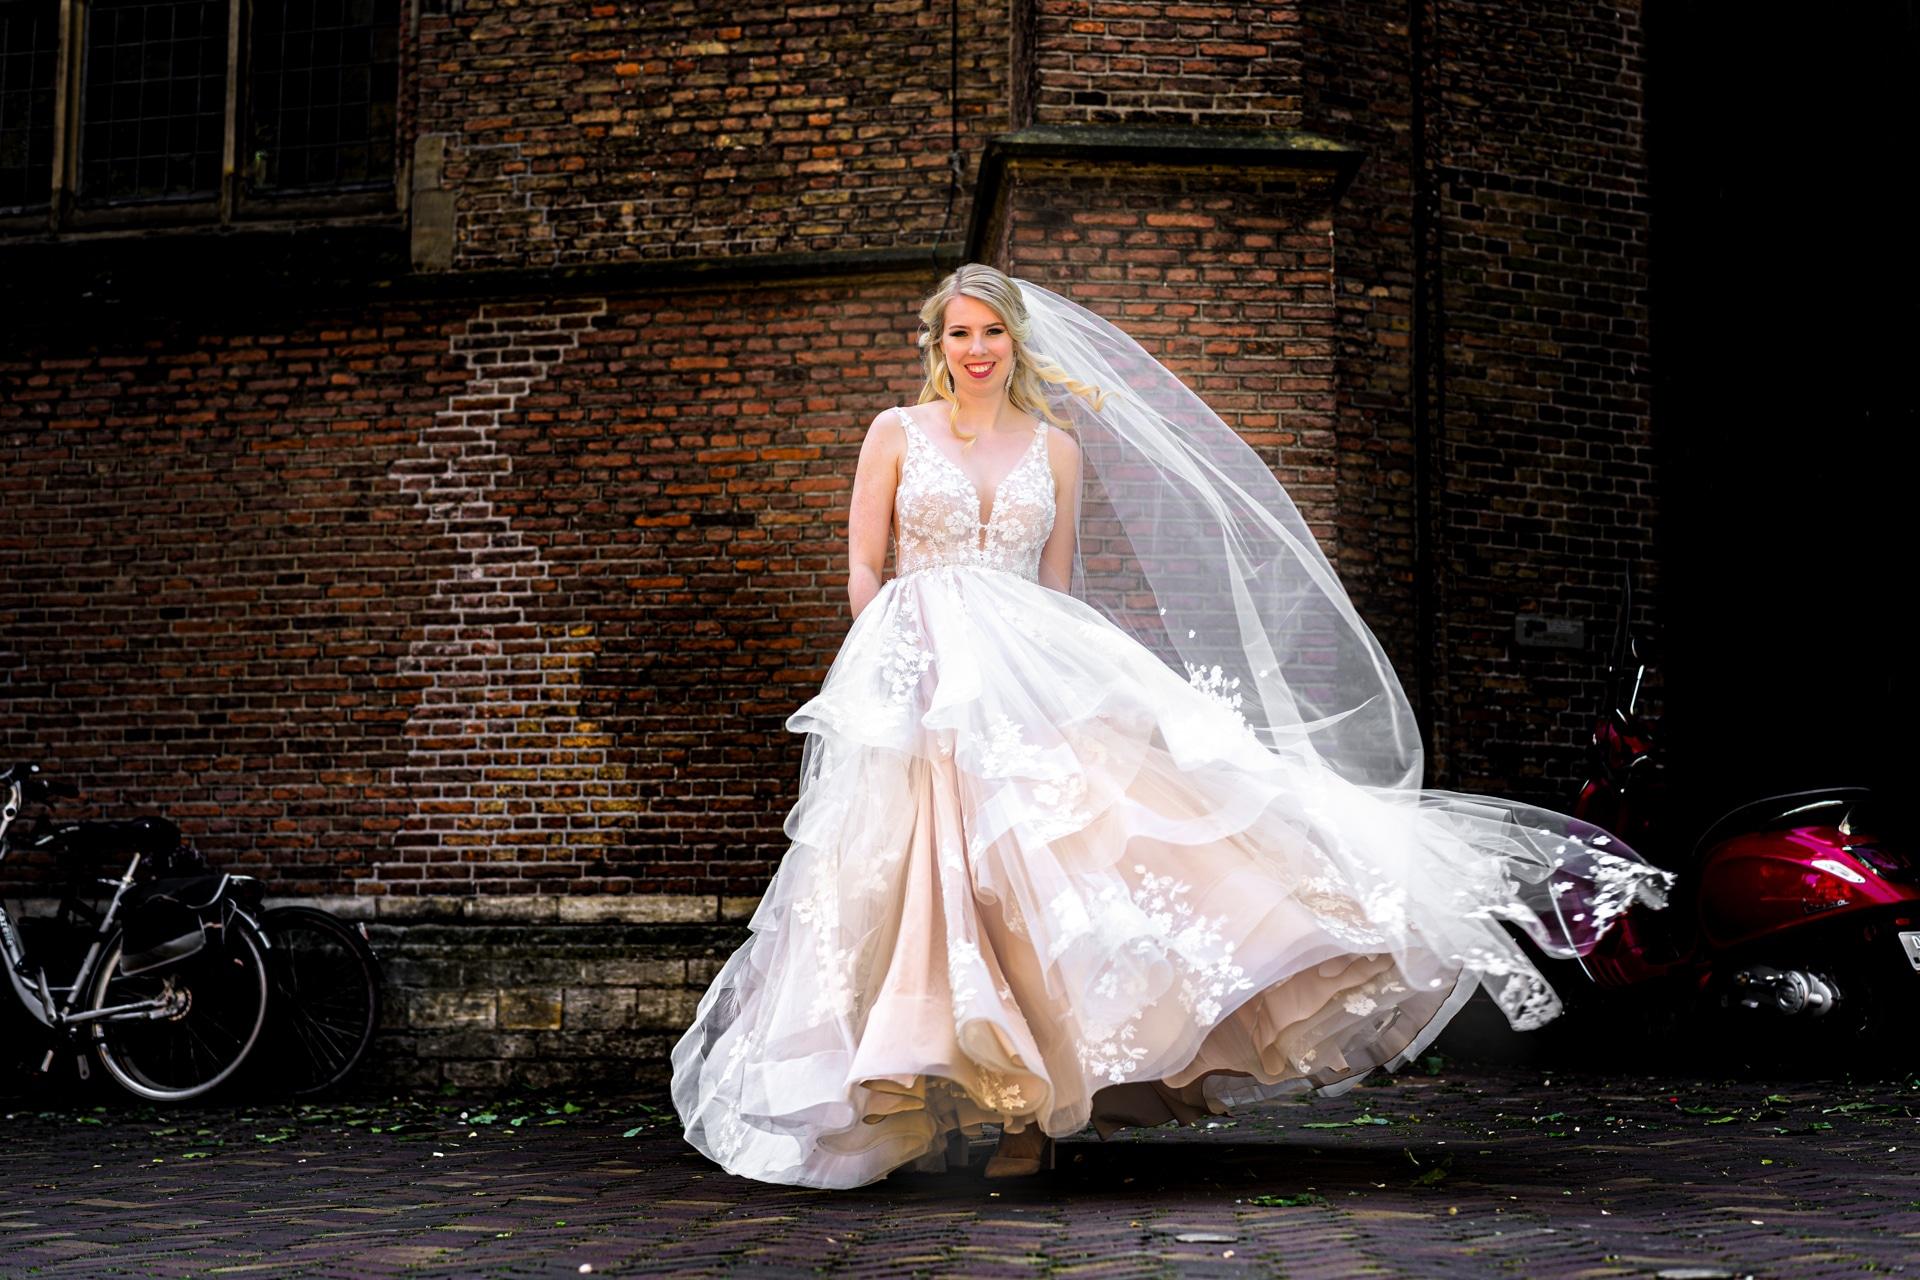 Bruid Den Haag trouwen huwelijk, bruidsfotografie door fotograaf Grietje Mesman